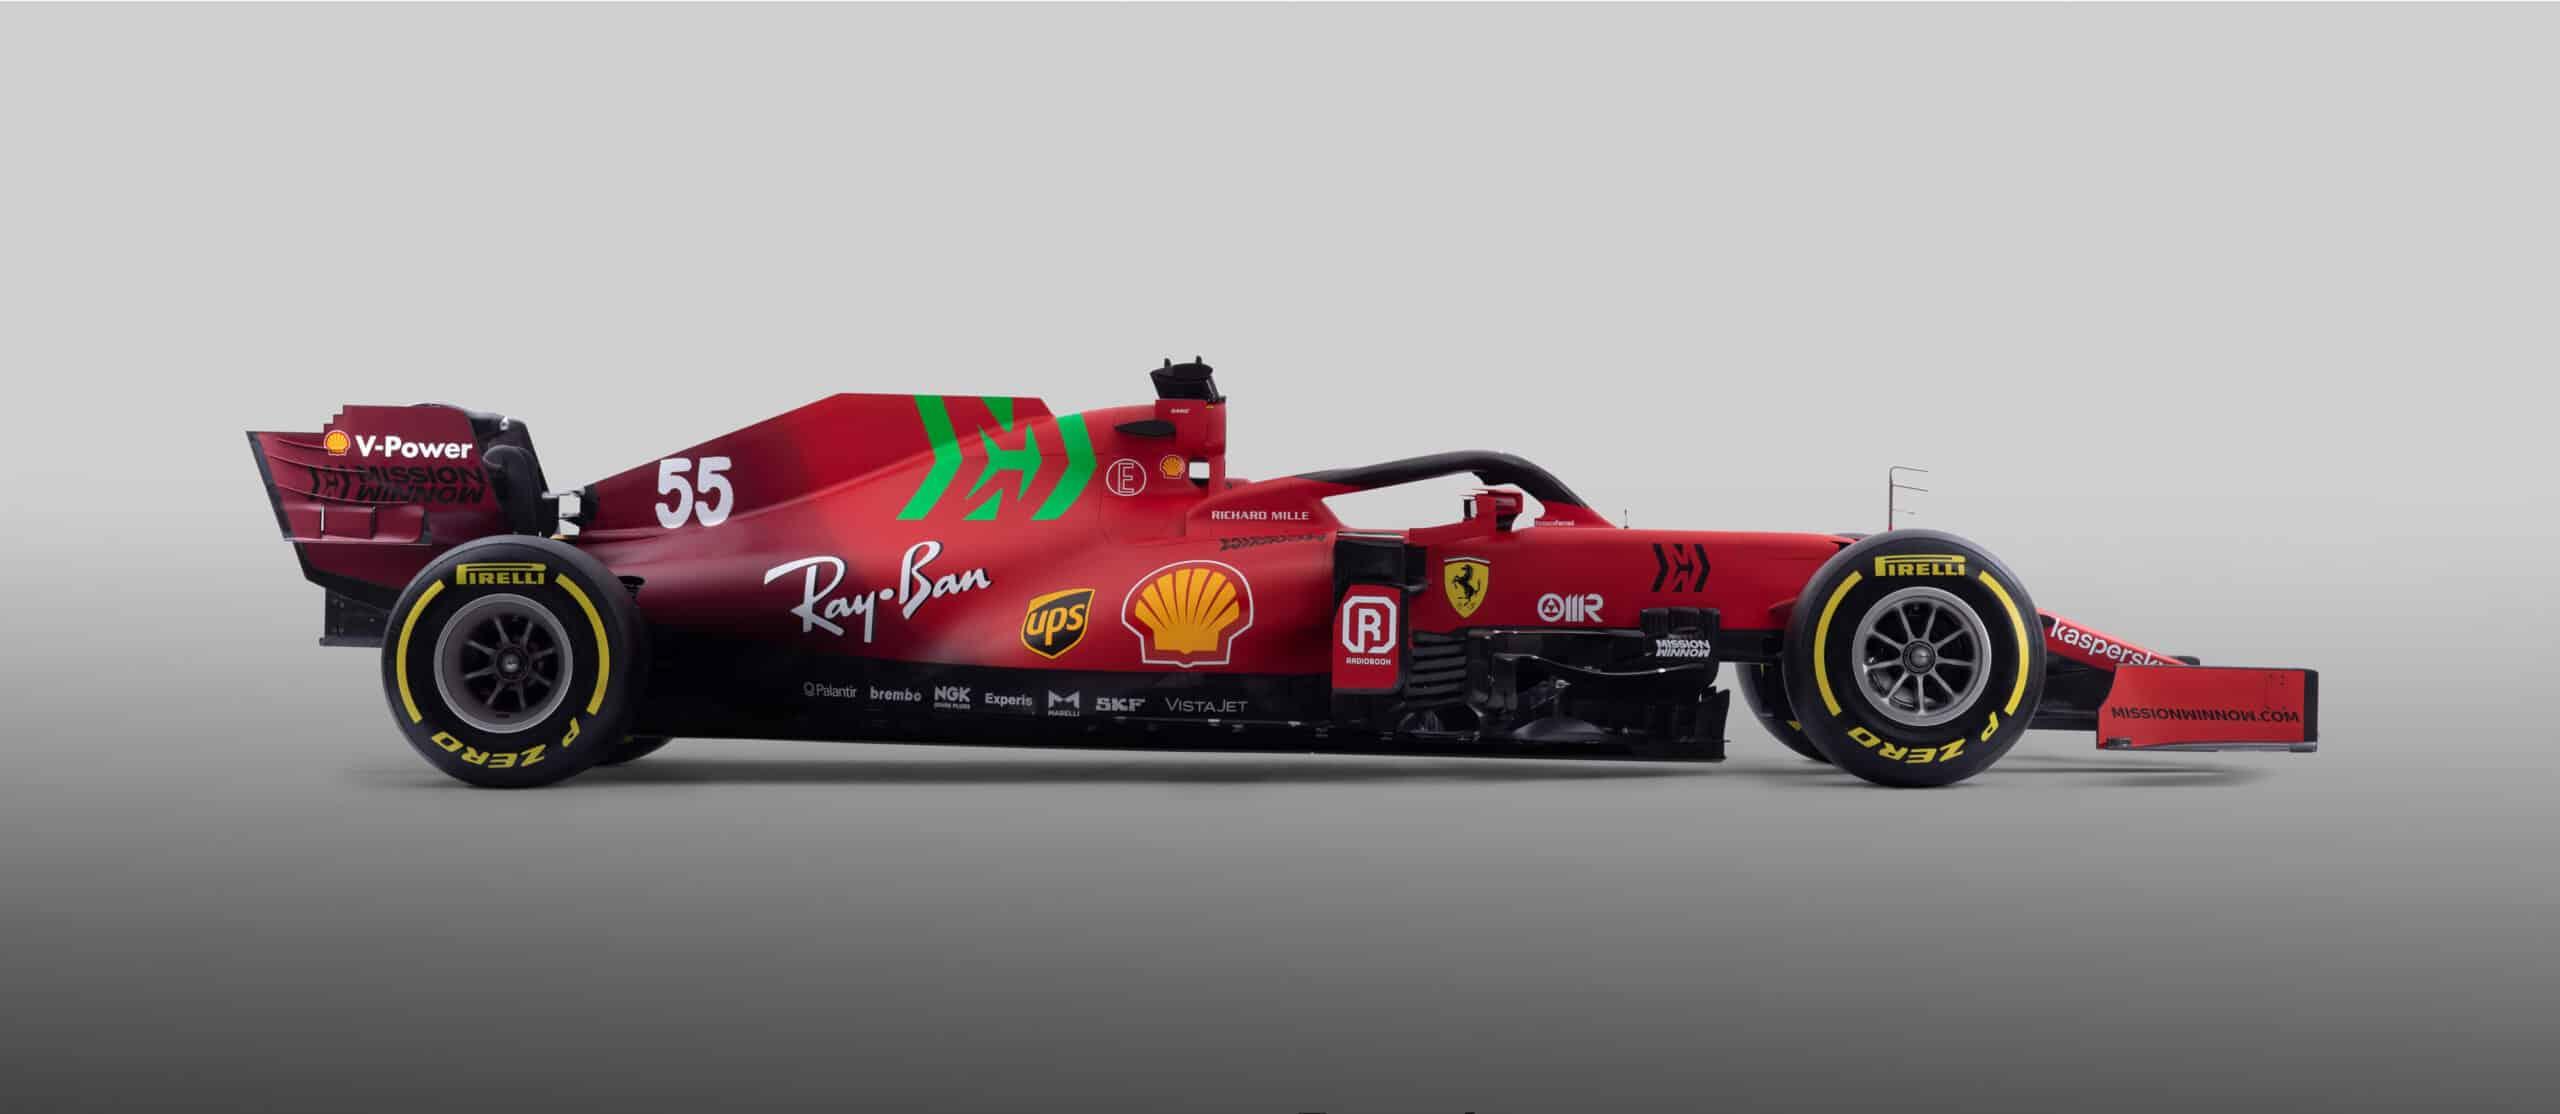 La Scuderia Ferrari presenta el SF21 con un toque de verde